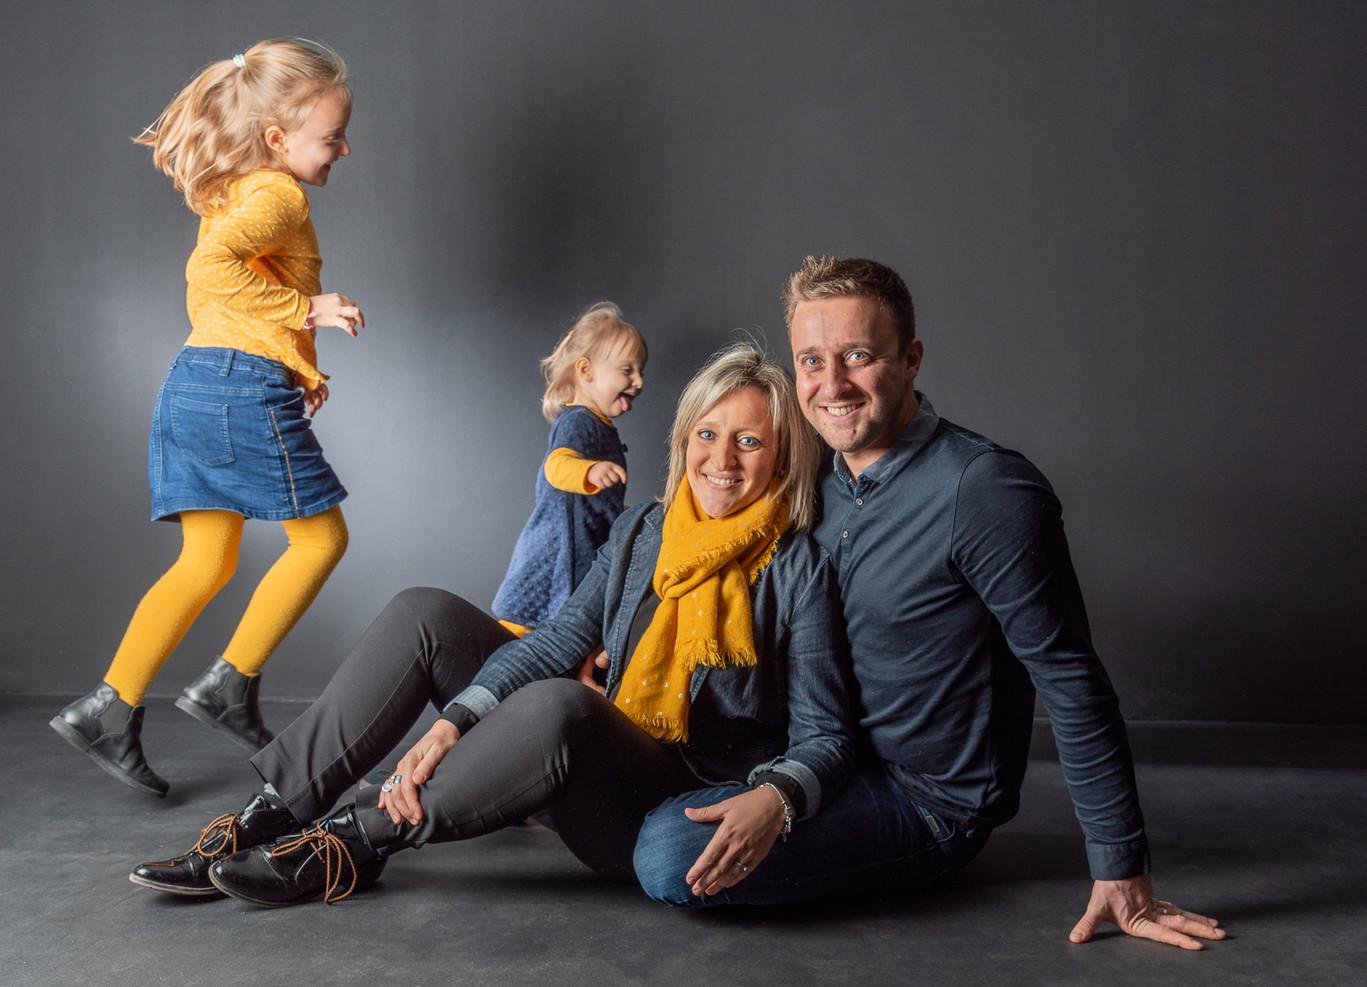 FAMILLE029.jpg